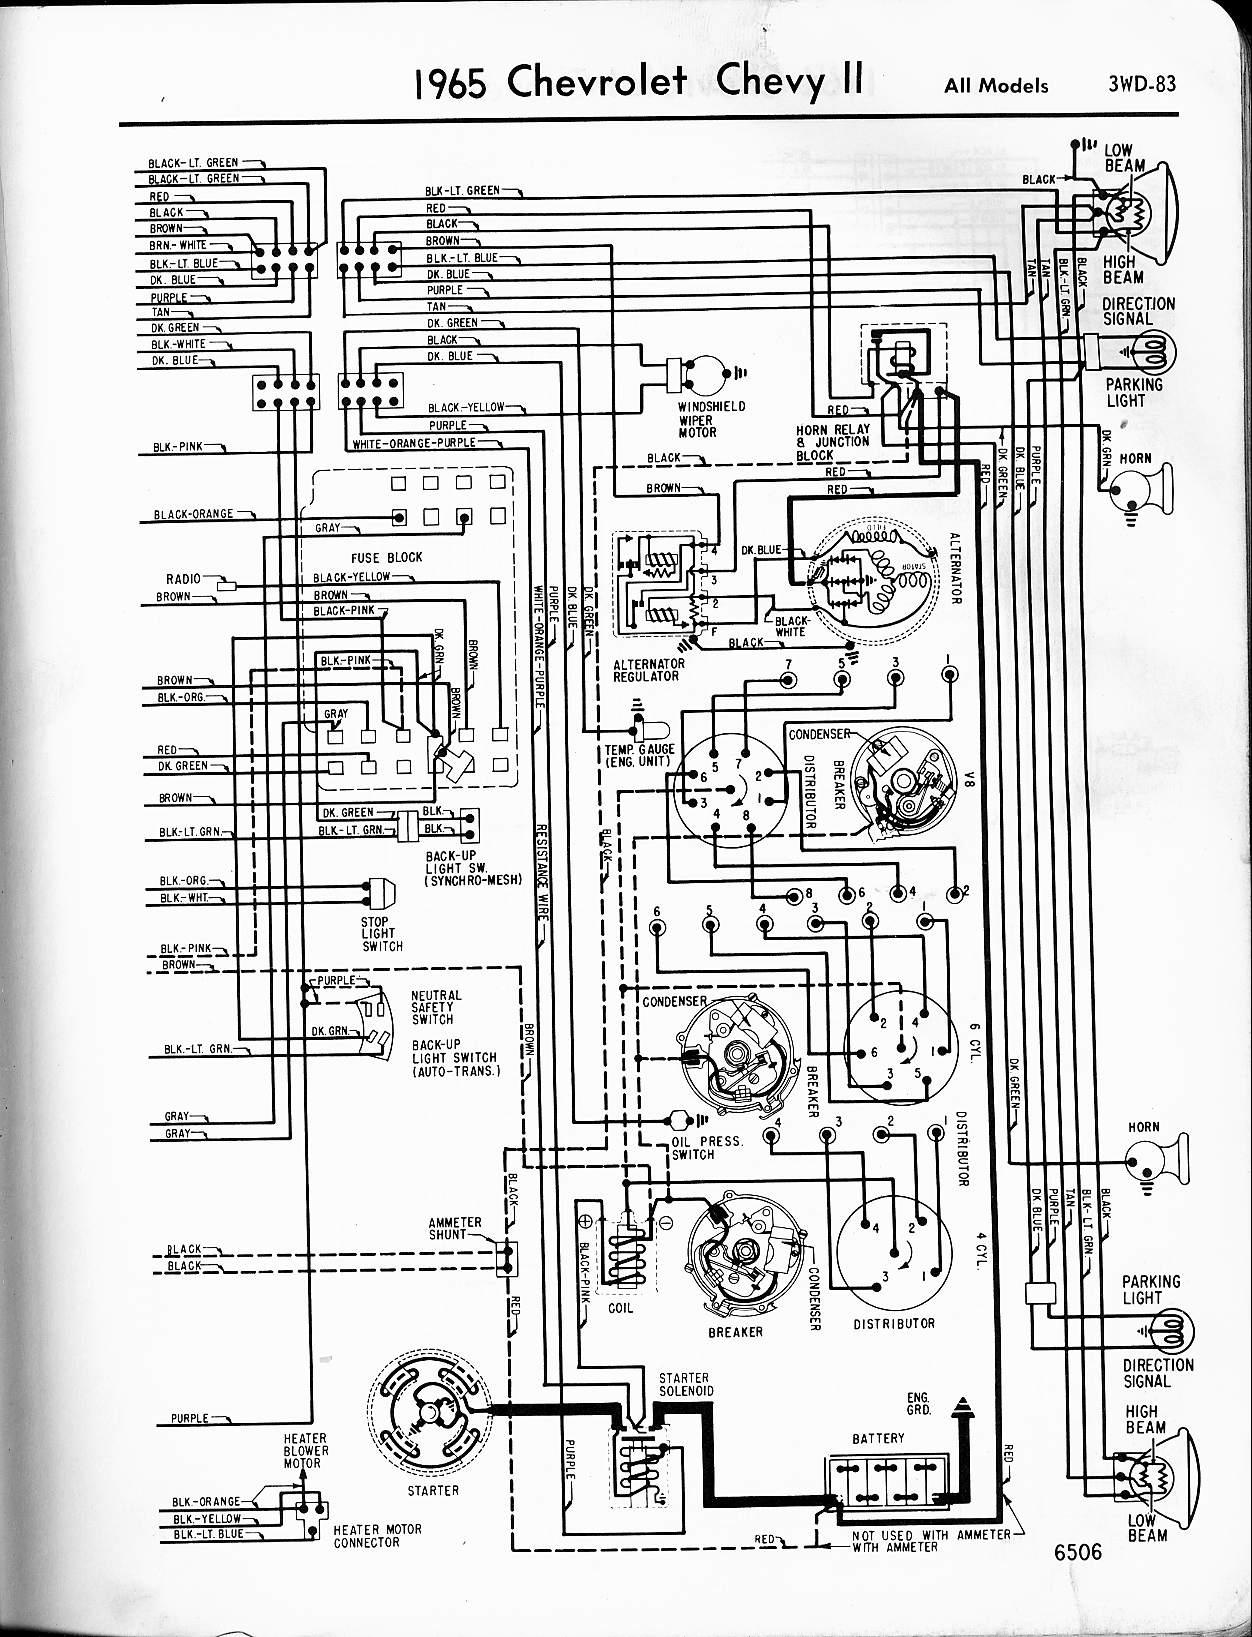 1974 Mustang Wiring Diagram Diagrams 1996 Fuse Motogurumag Com I 1965 Chevy Truck